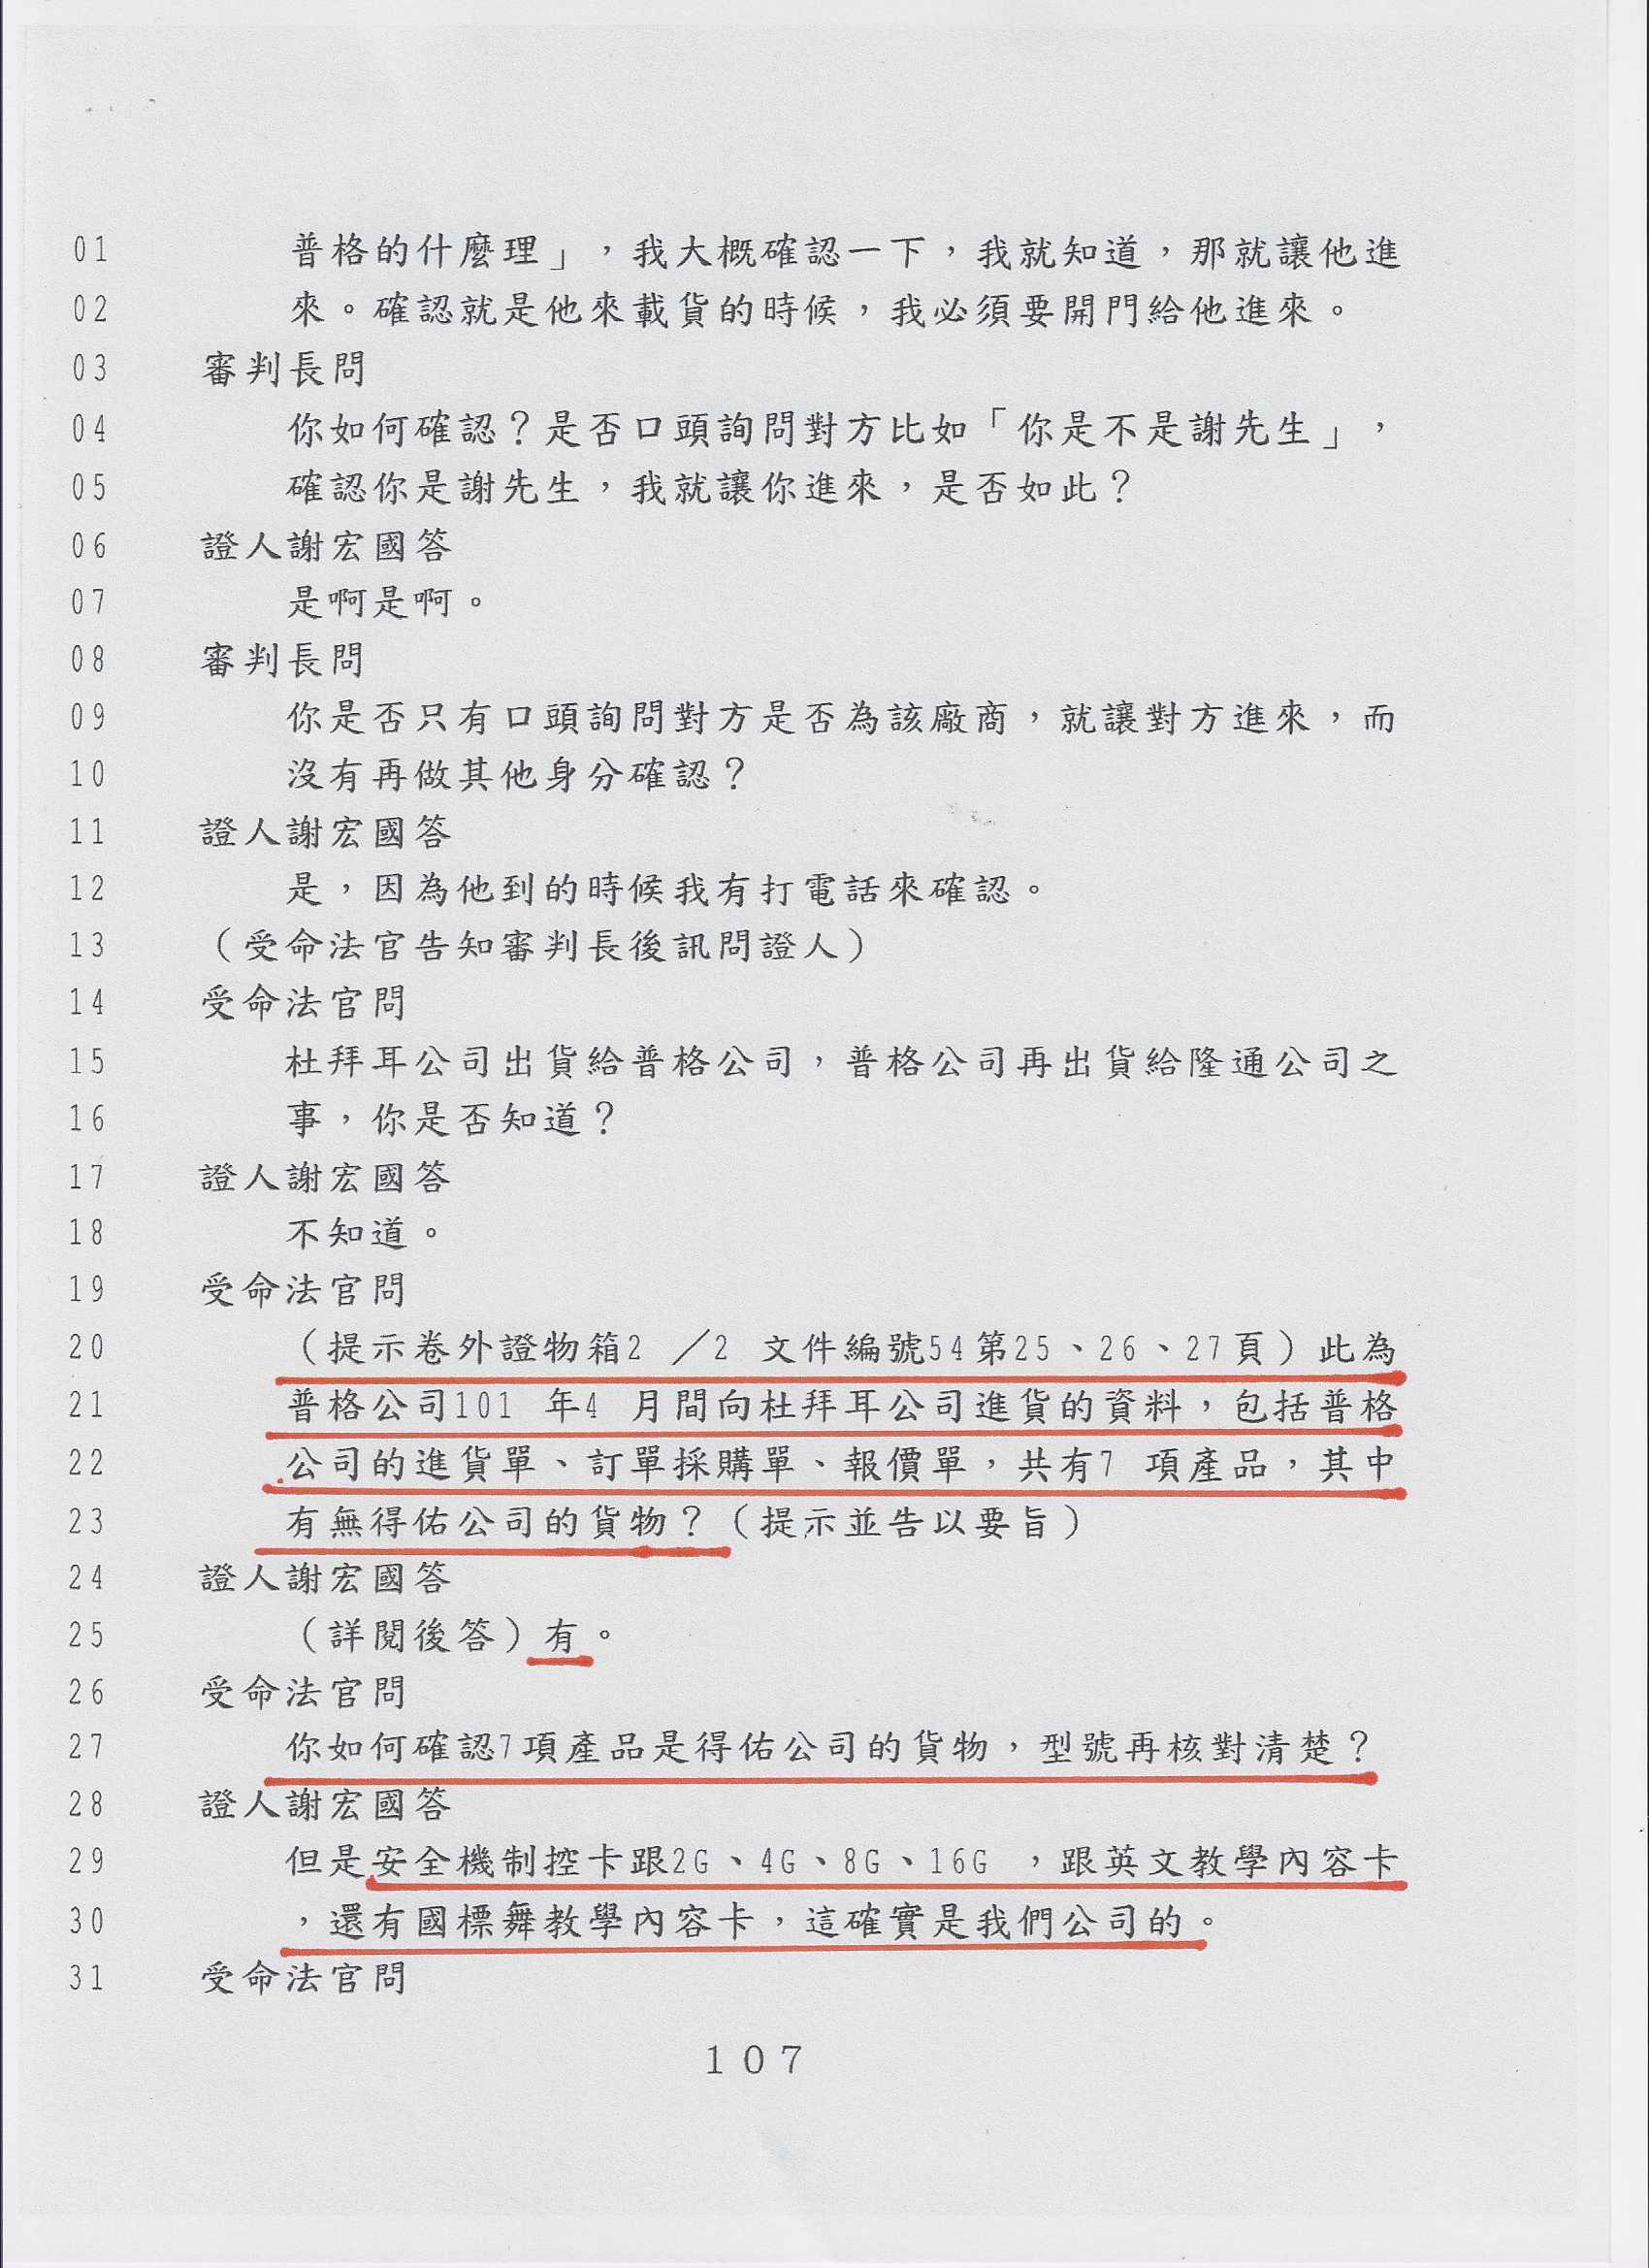 圖片說明:連上游廠商都出庭作證確實出貨給張芳源的杜拜耳公司,但法官只以上游不知杜拜耳與普格間的交易為由,仍認定為假交易。